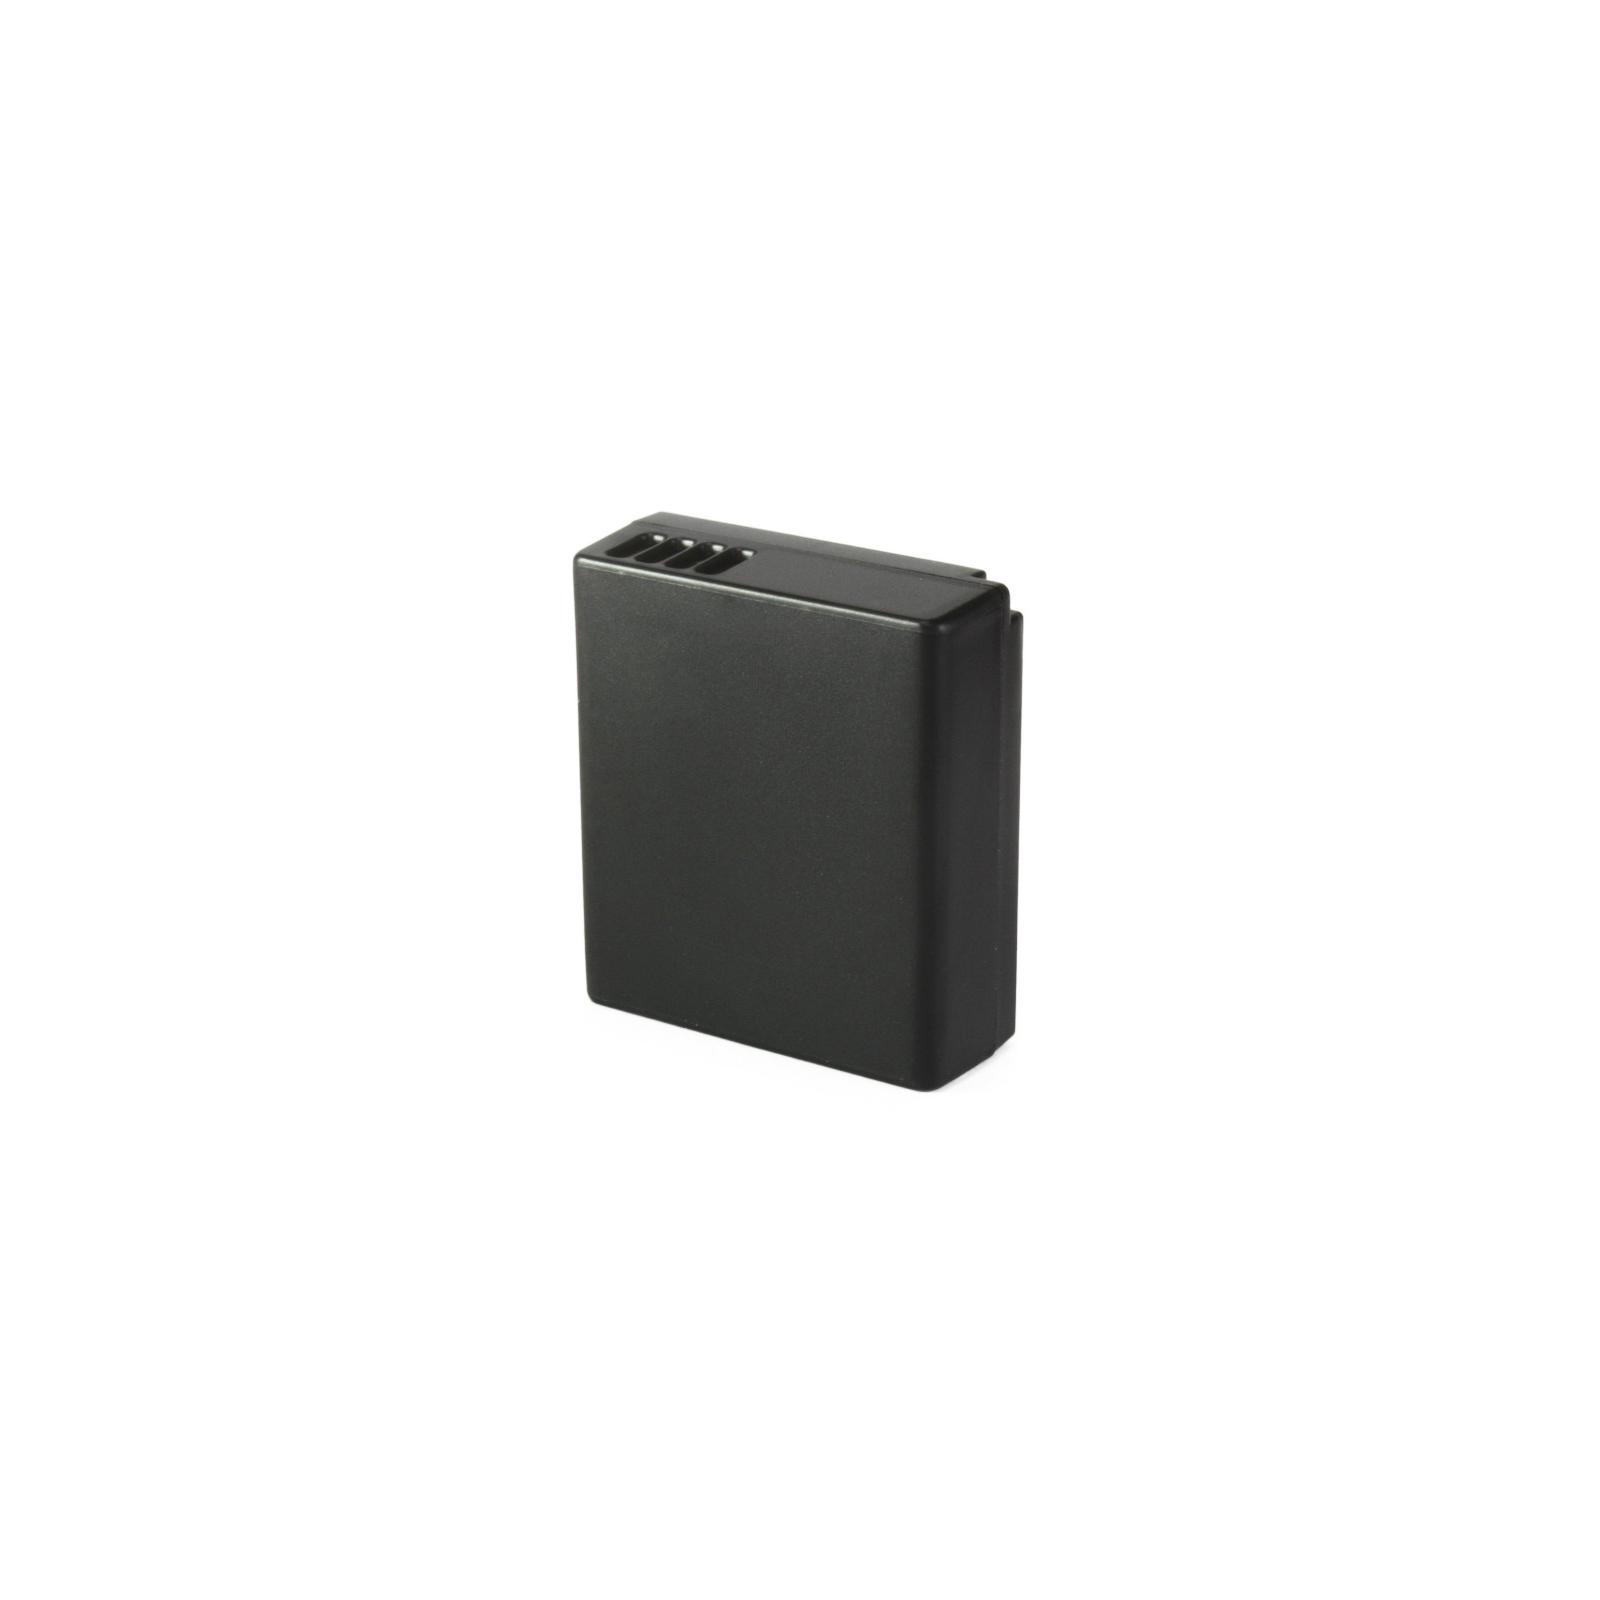 Аккумулятор к фото/видео EXTRADIGITAL Panasonic DMW-BLG10 (BDP1293) изображение 3